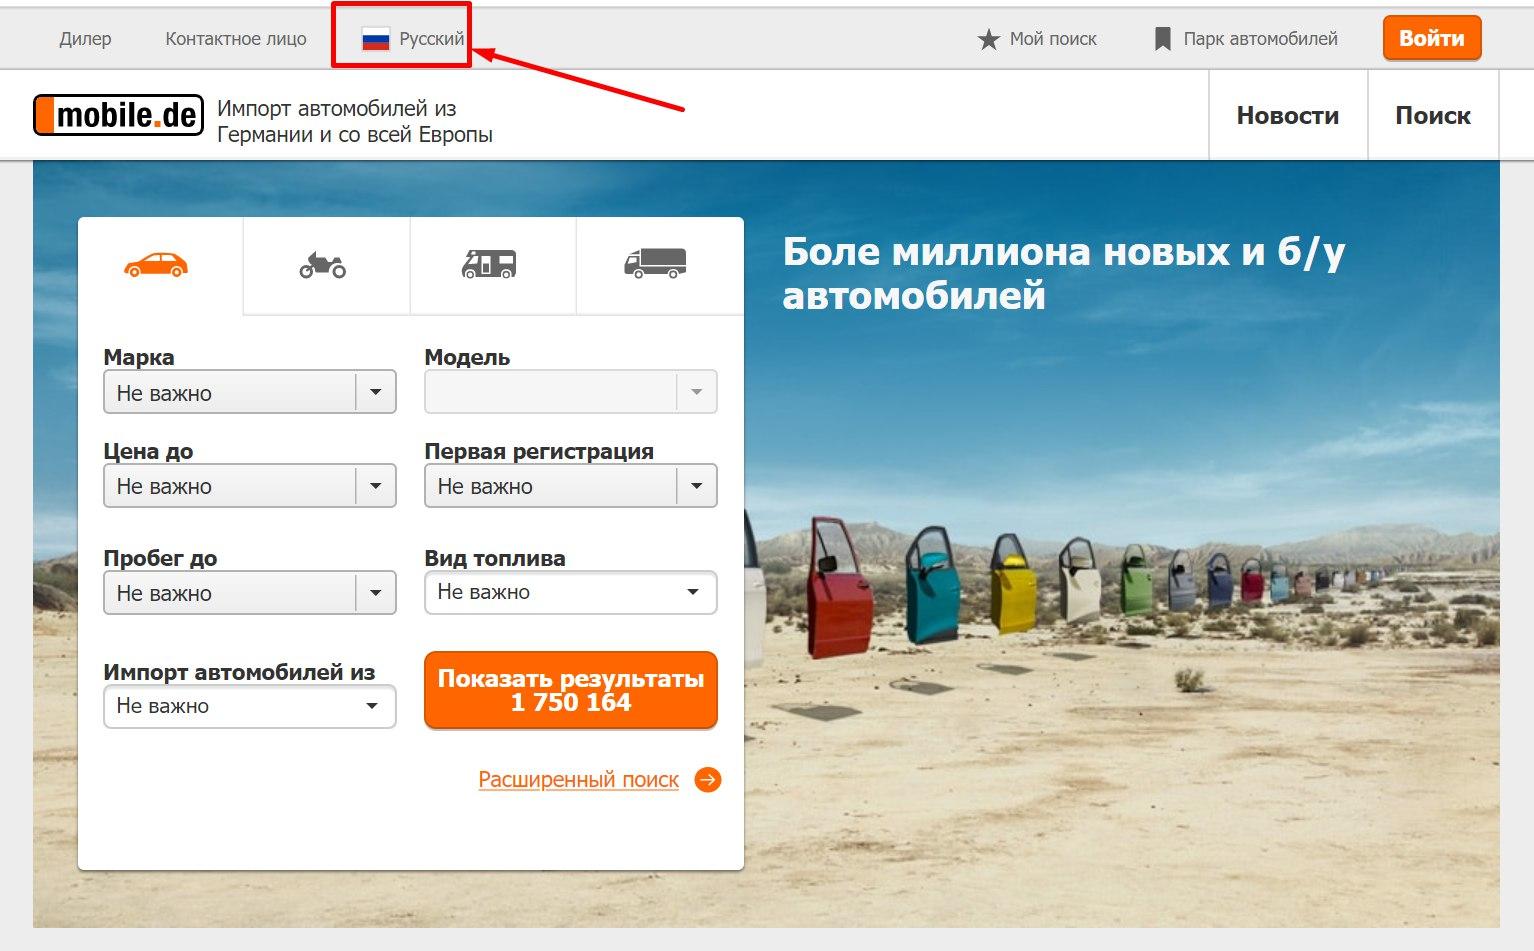 Скриншот главной страницы русскоязычной версии мобиле де